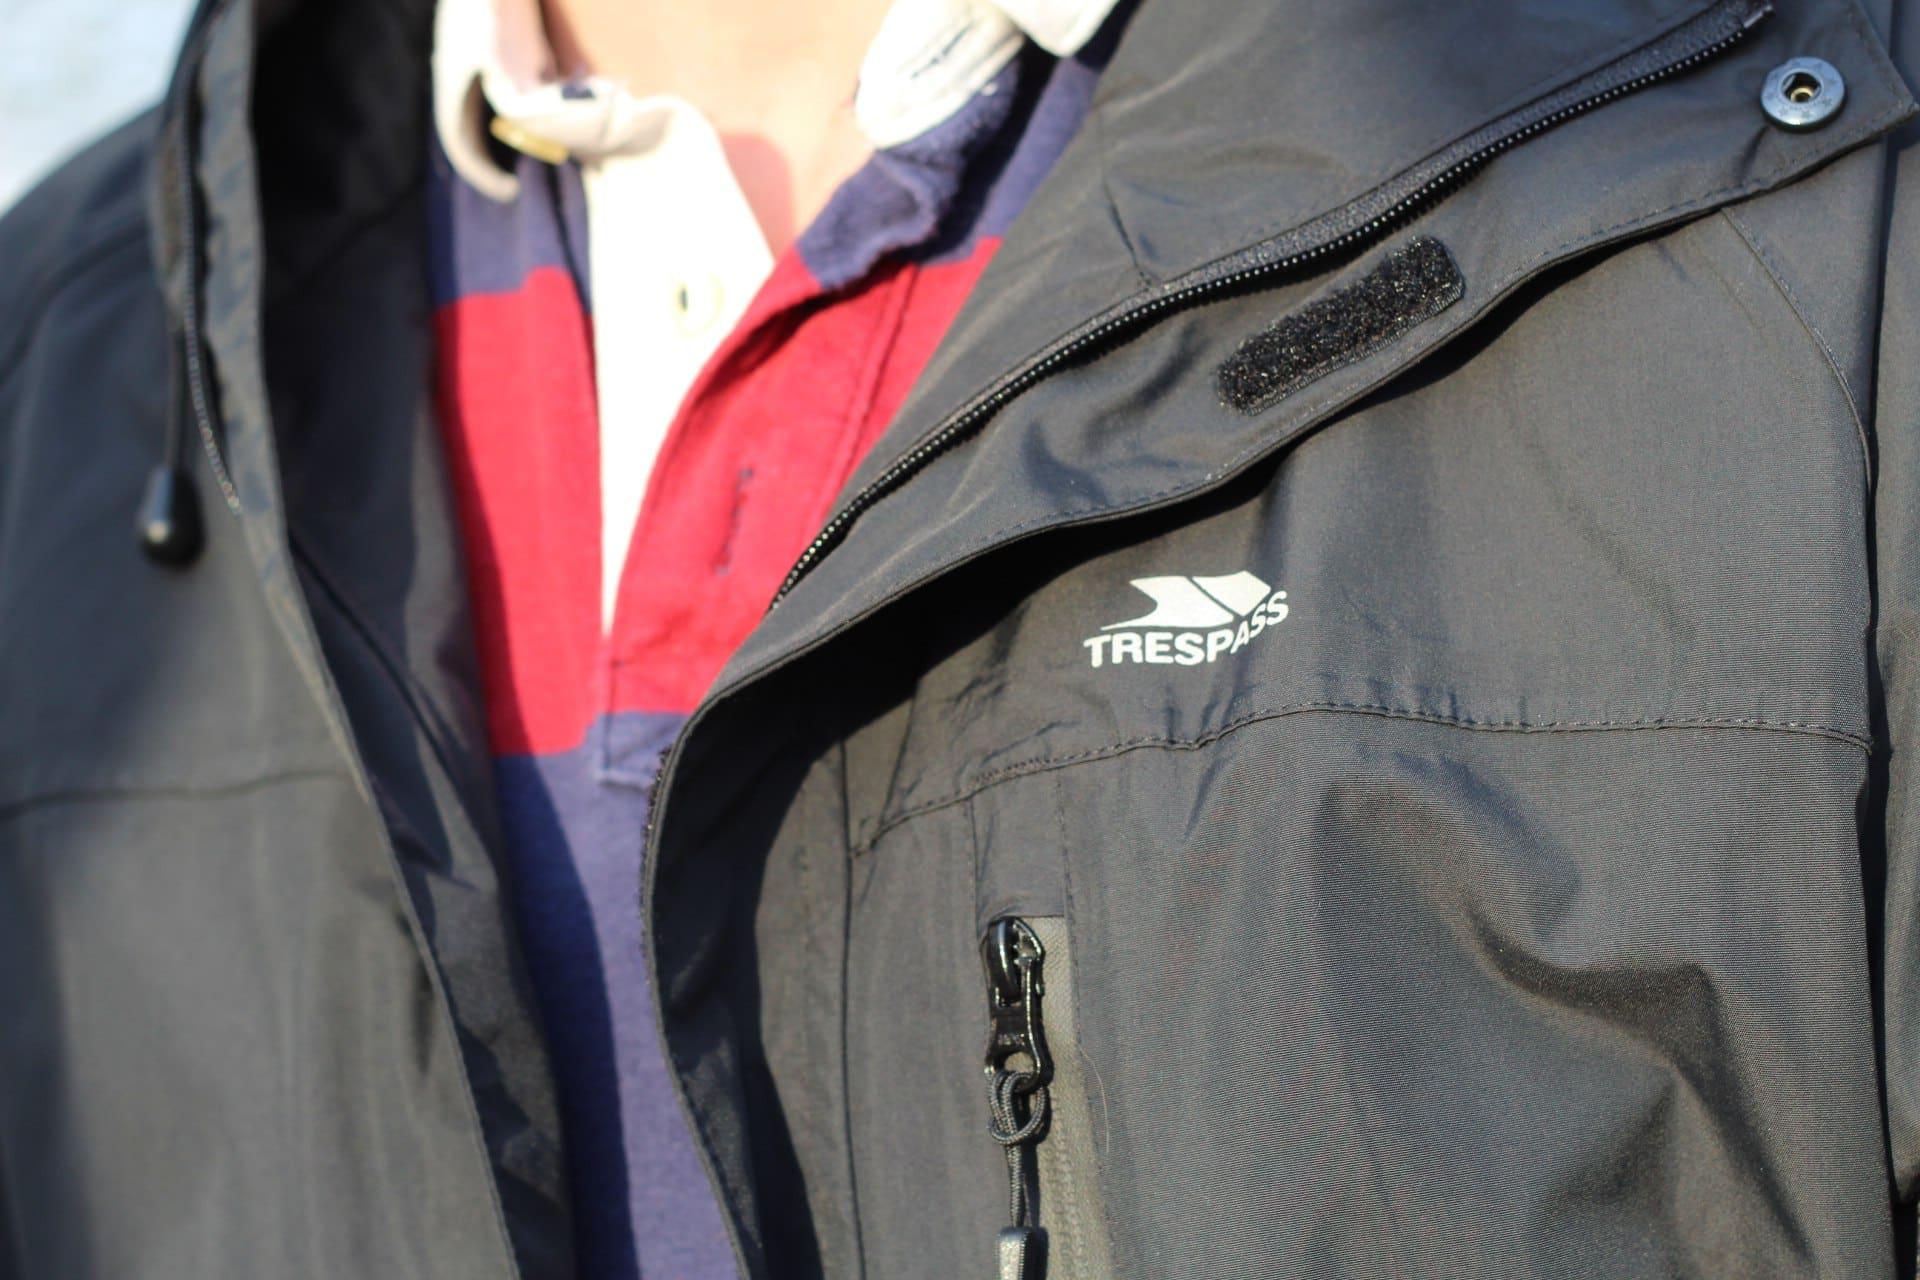 Trespass Ladies Compete Lightweight Waterproof /& Windproof Ski Coat Black,Red